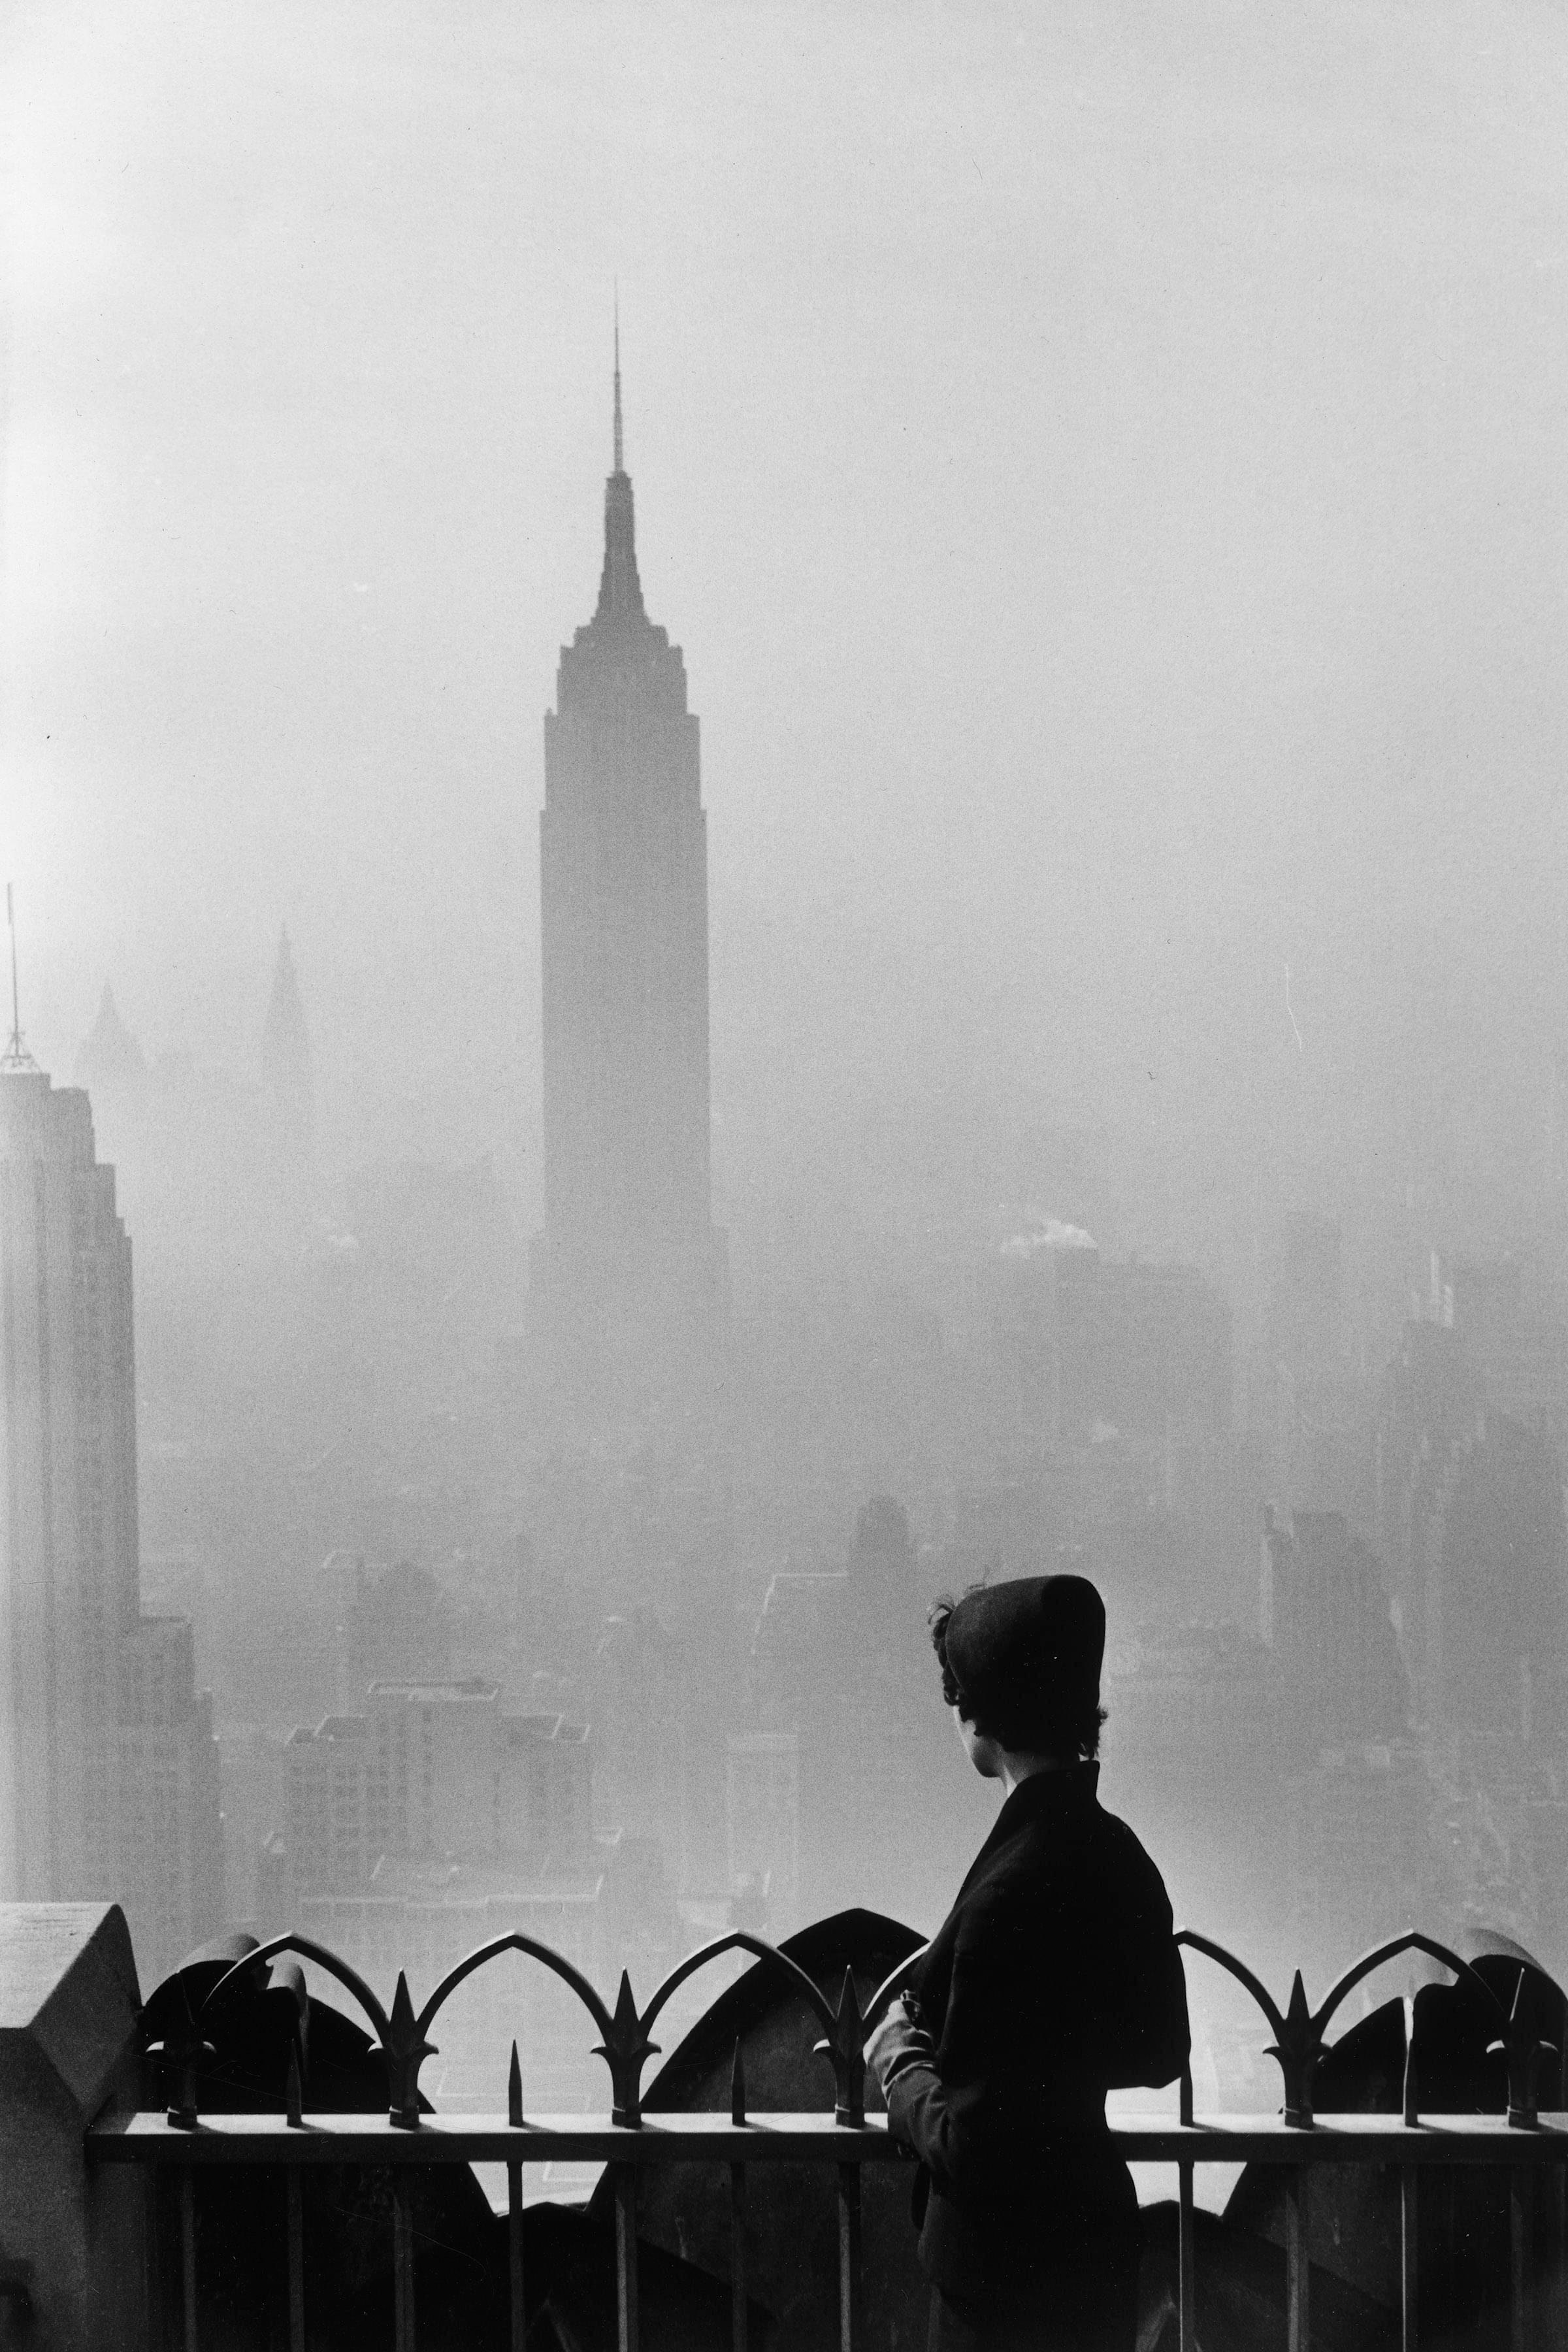 Эмпайр-стейт-билдинг, Нью-Йорк, 1955. Автор Эллиотт Эрвитт